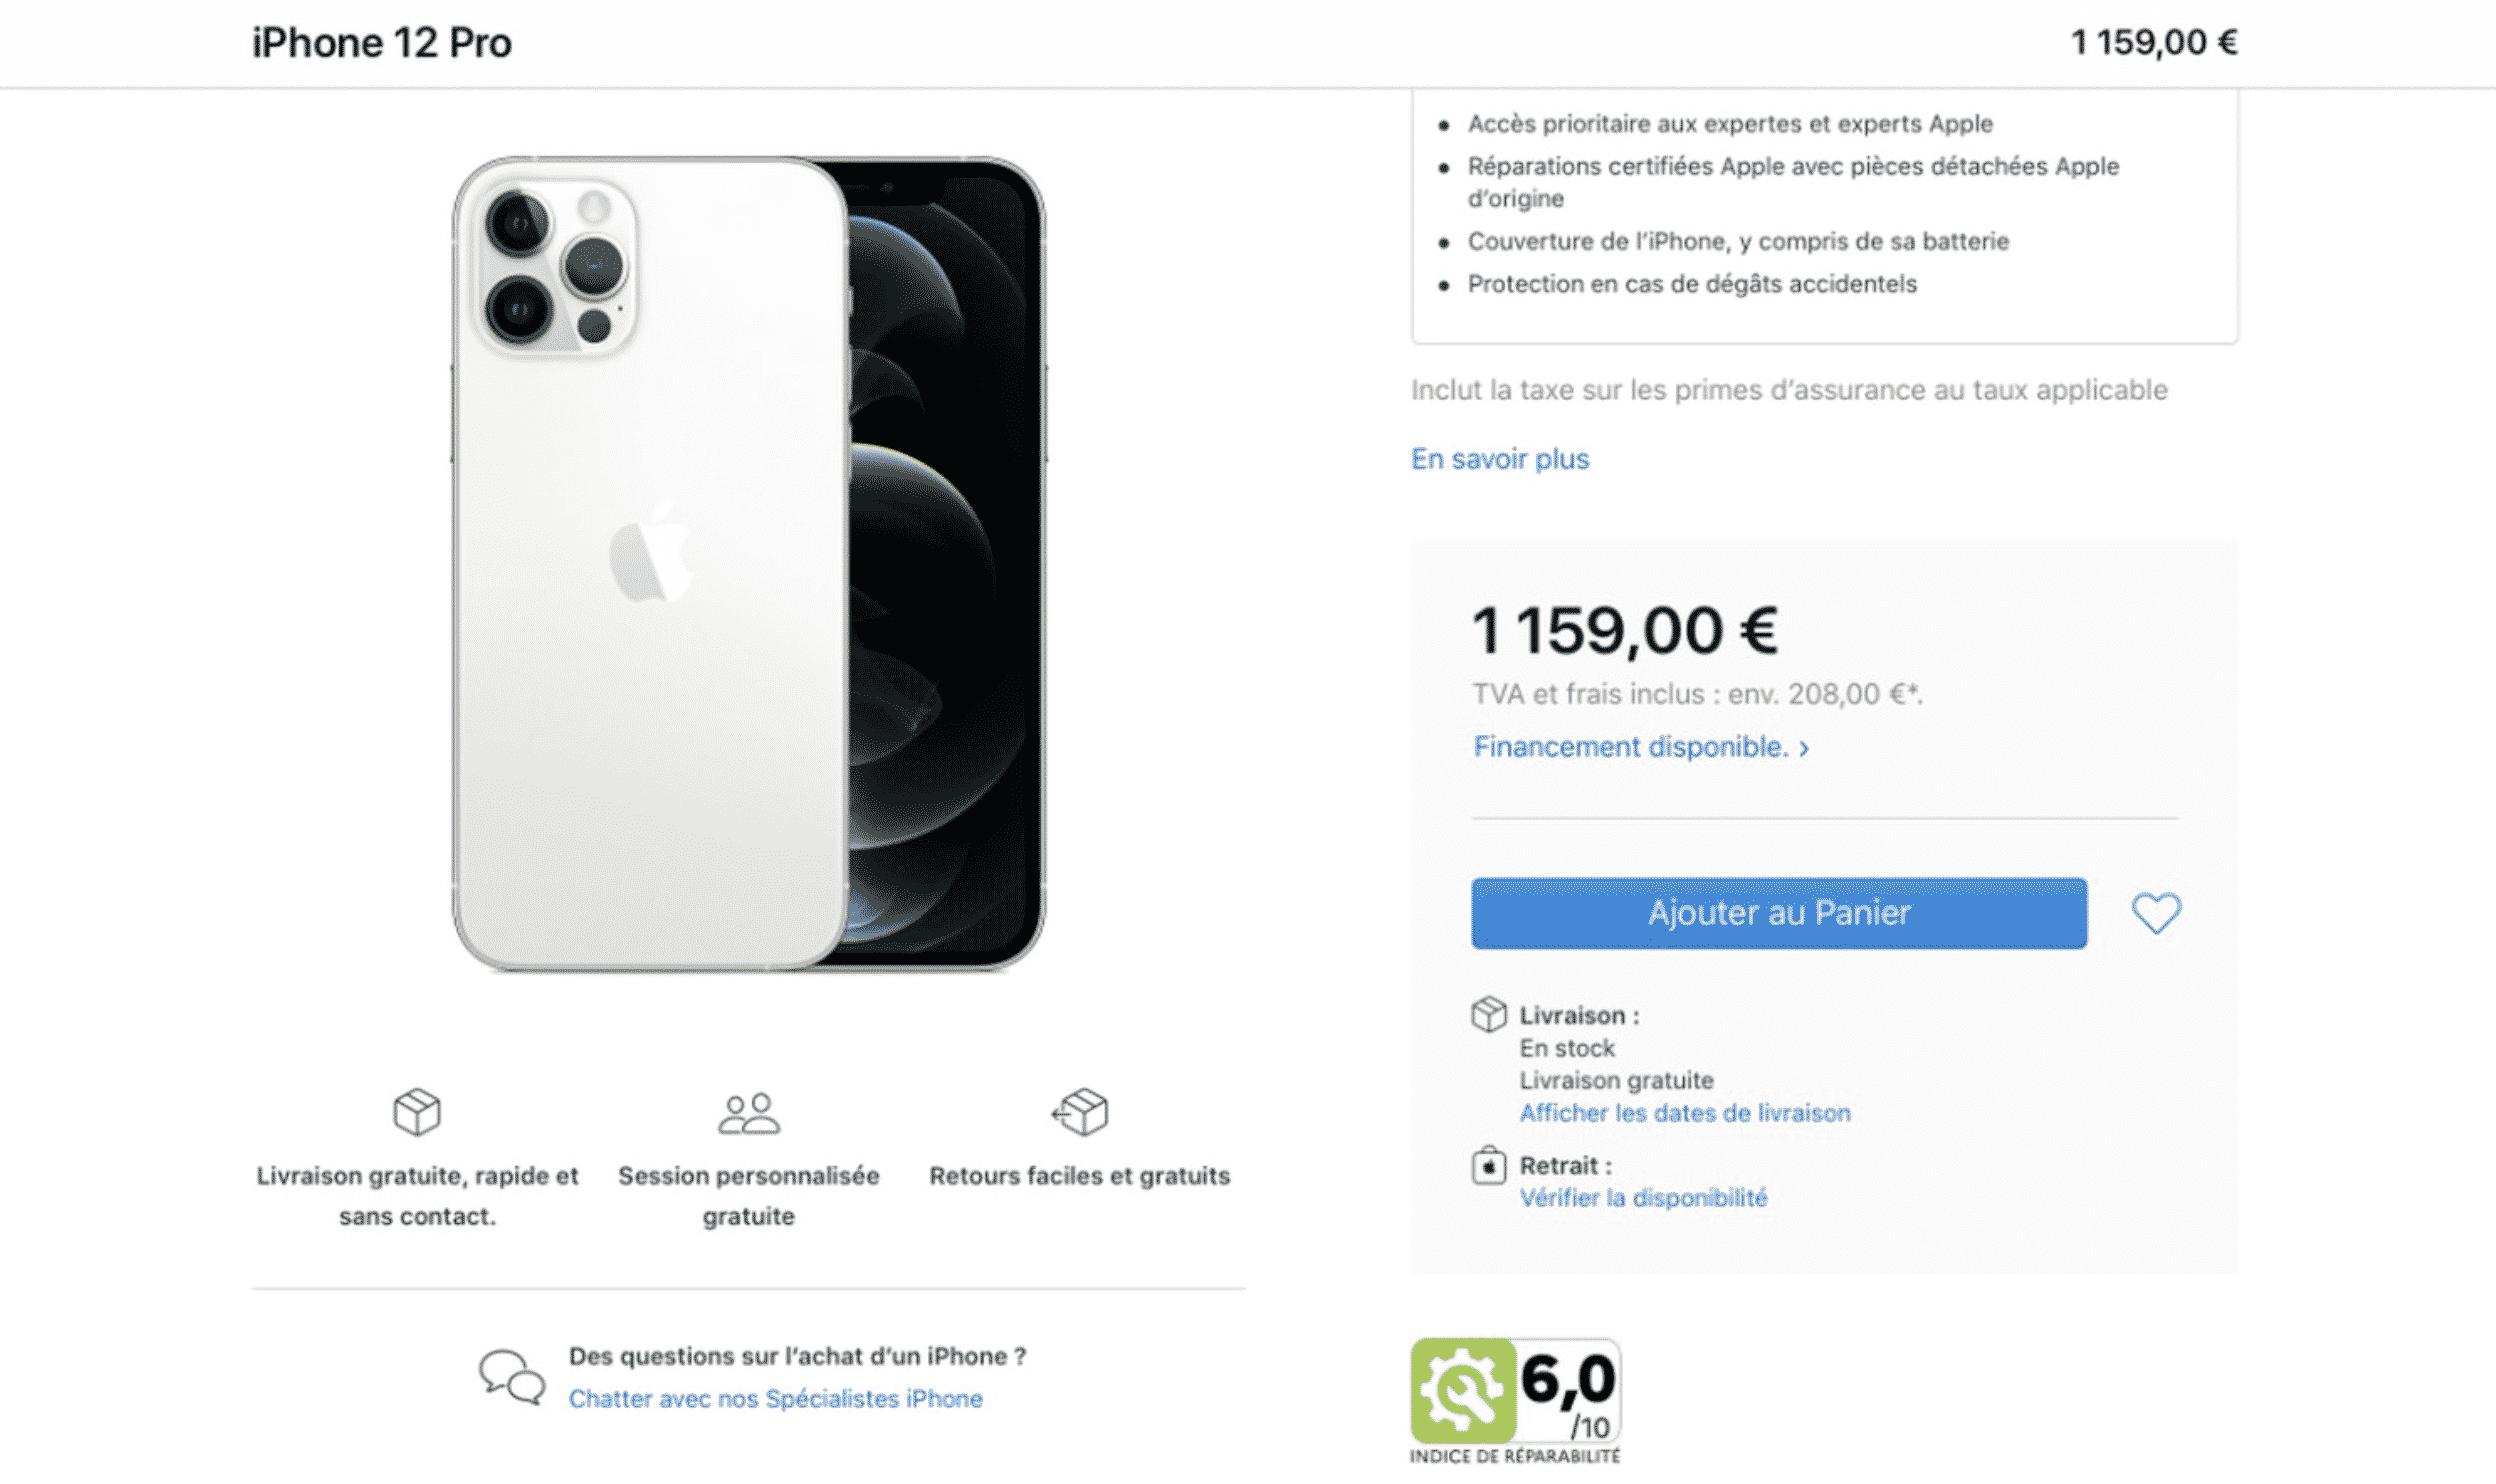 Apple France website